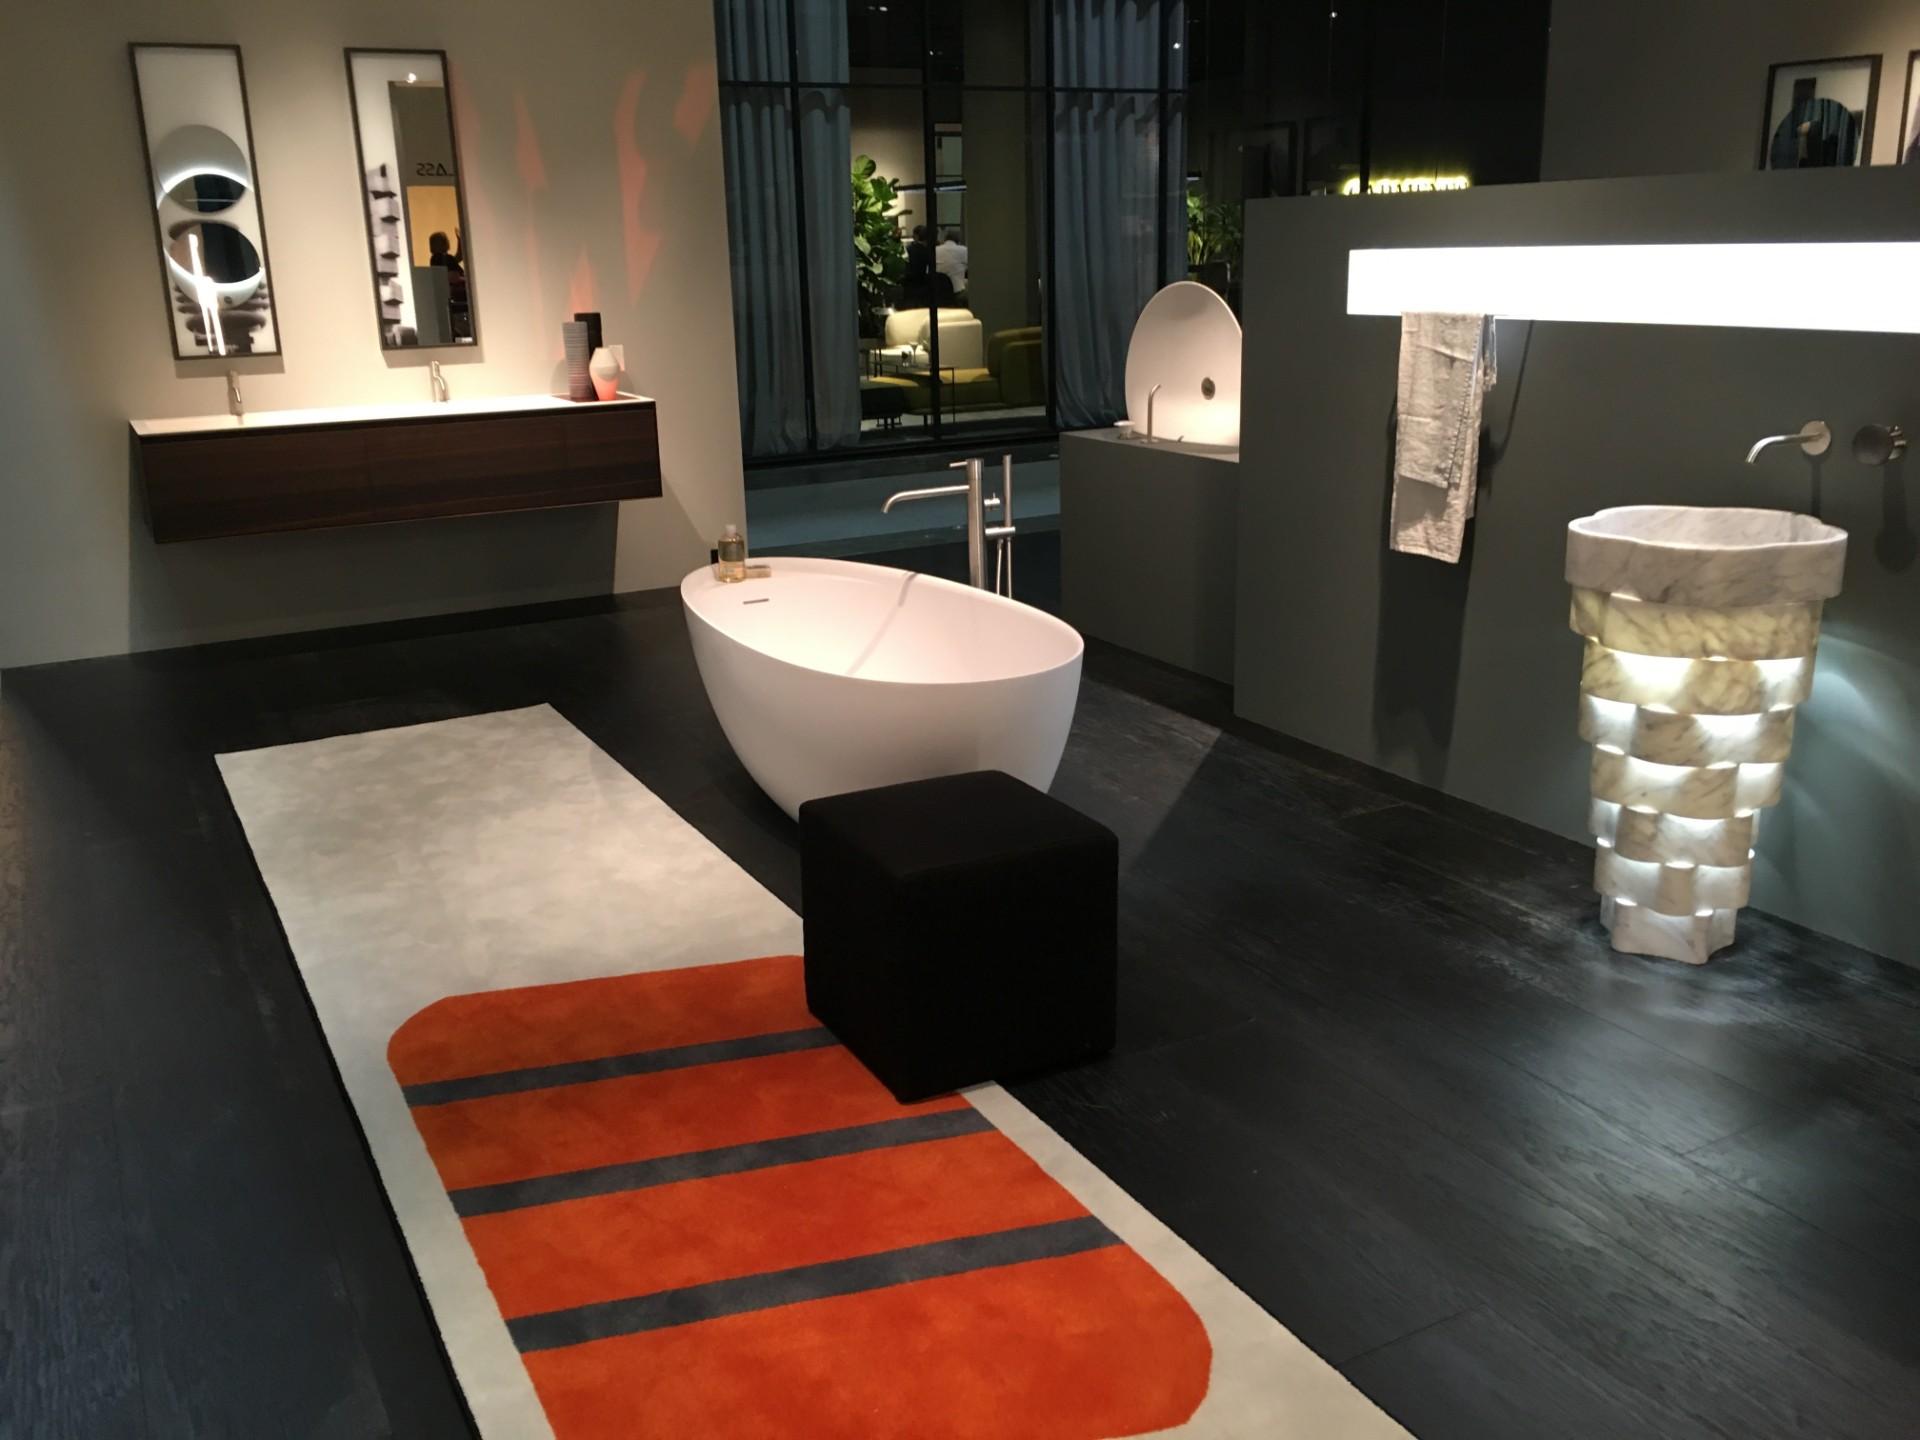 feria-habitat-valencia-2018-interiorismo-interiores-mobiliario-muebles-18